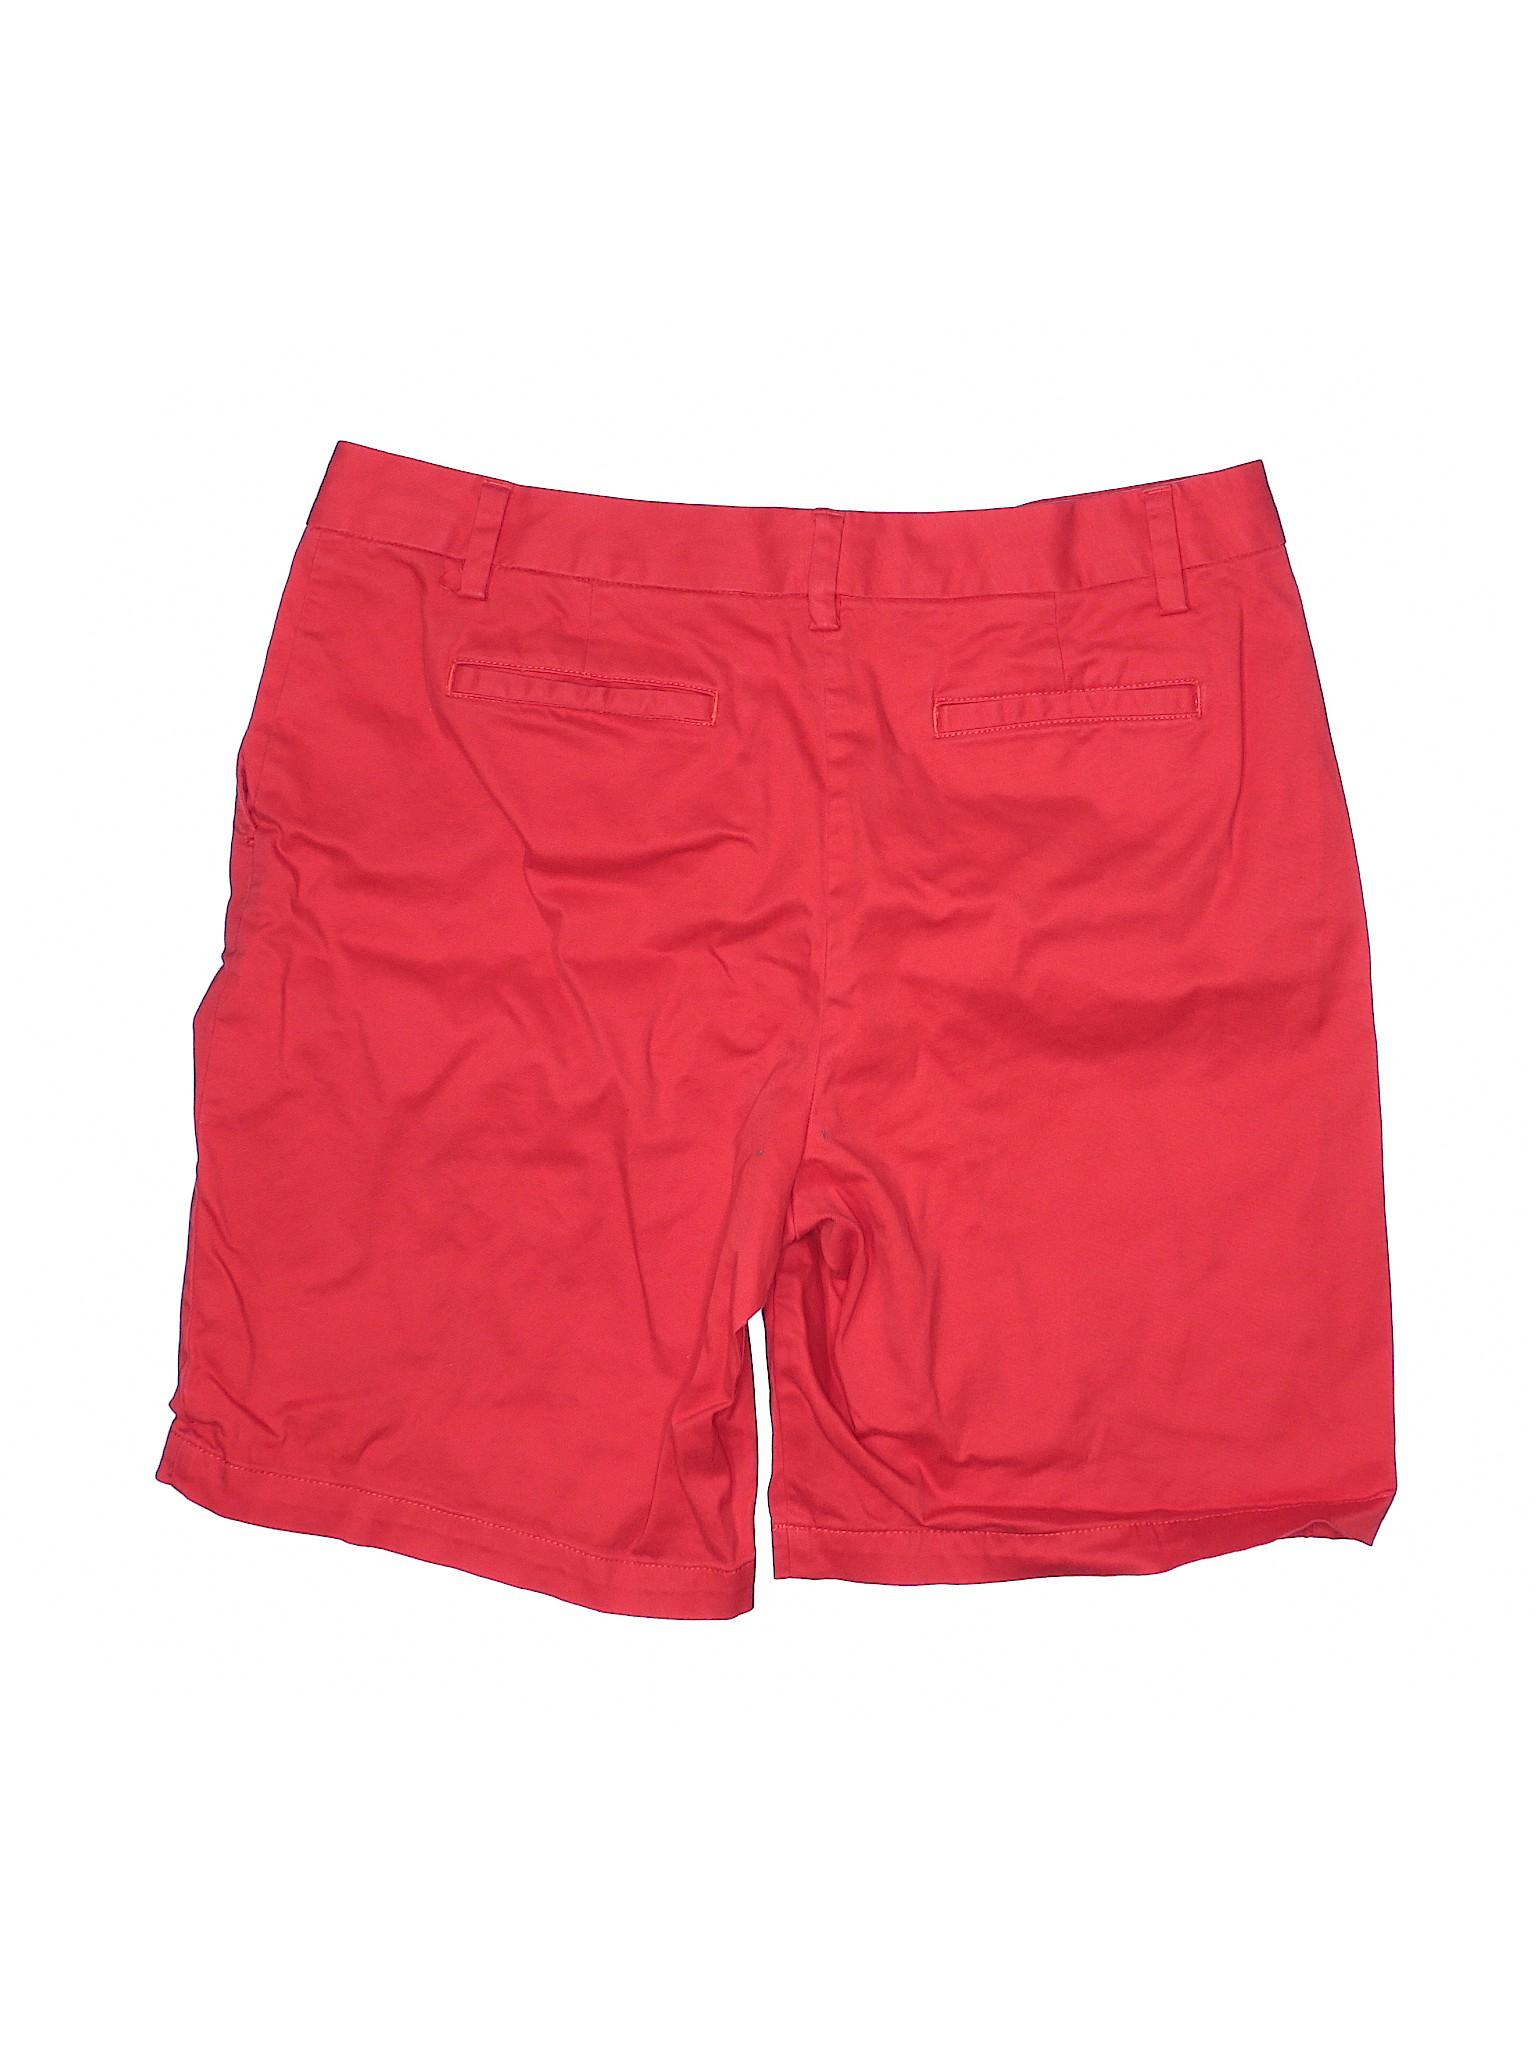 Khaki Boutique End End Shorts Lands' Shorts Boutique Boutique Lands' Khaki qgI1H